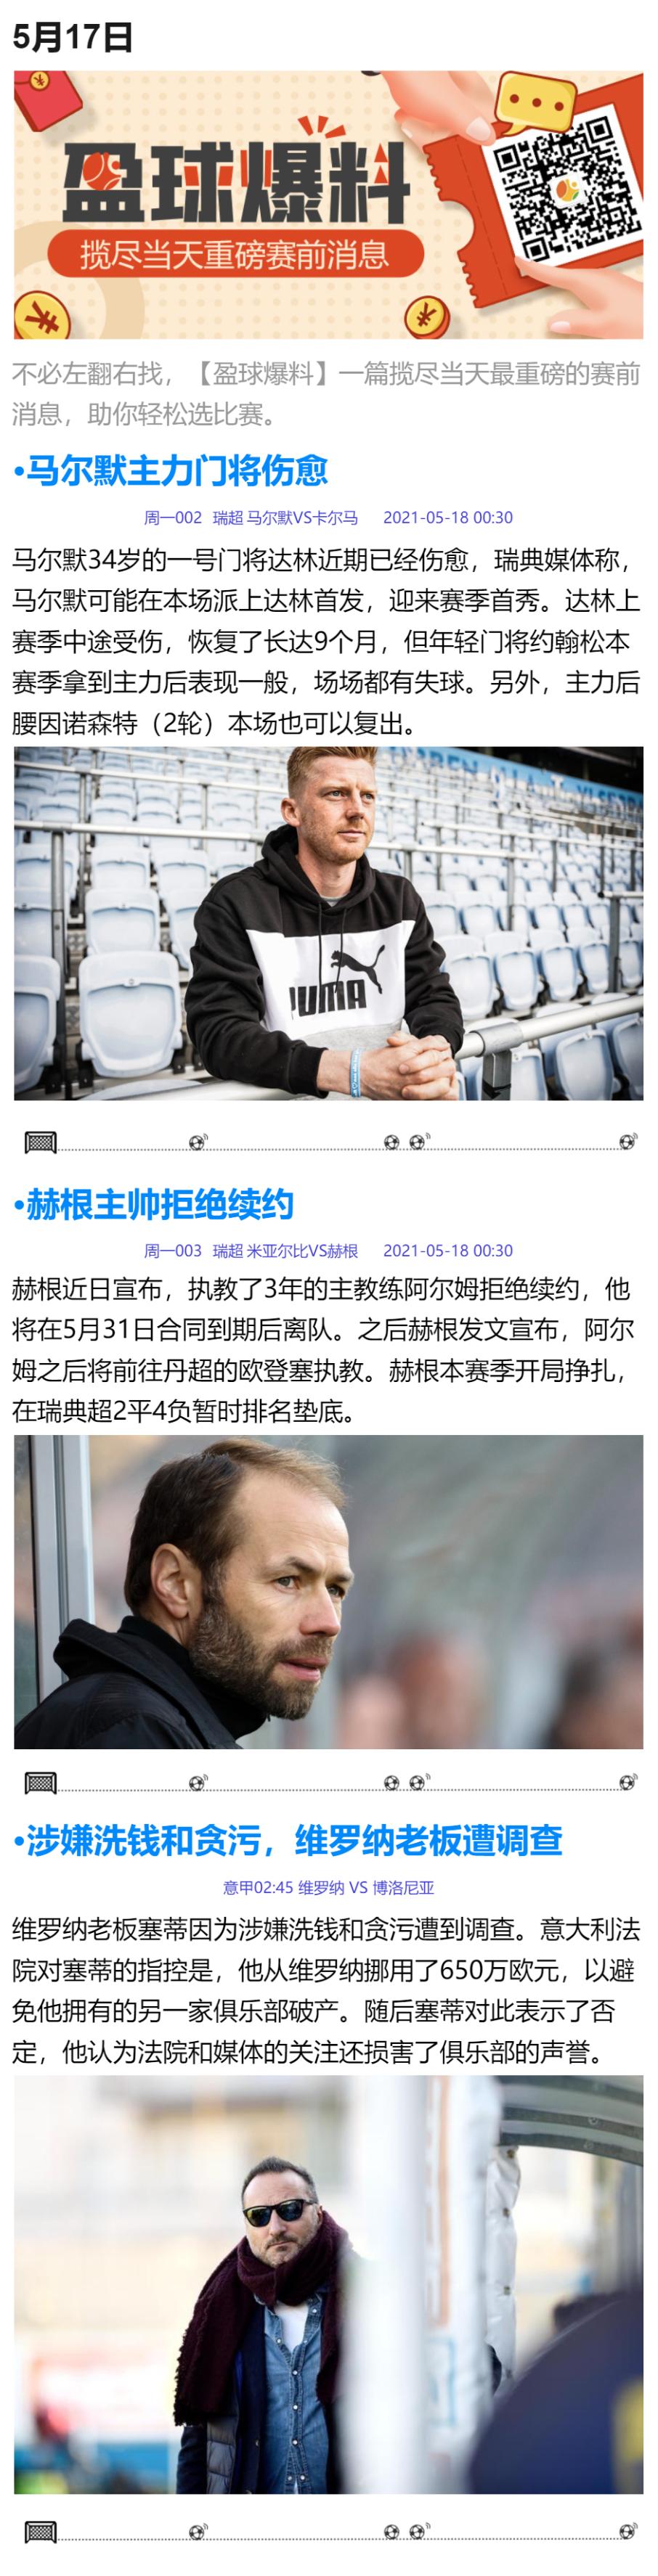 https://cdn.ttyingqiu.com/news/image/2021/5/17/202105171911000033.png